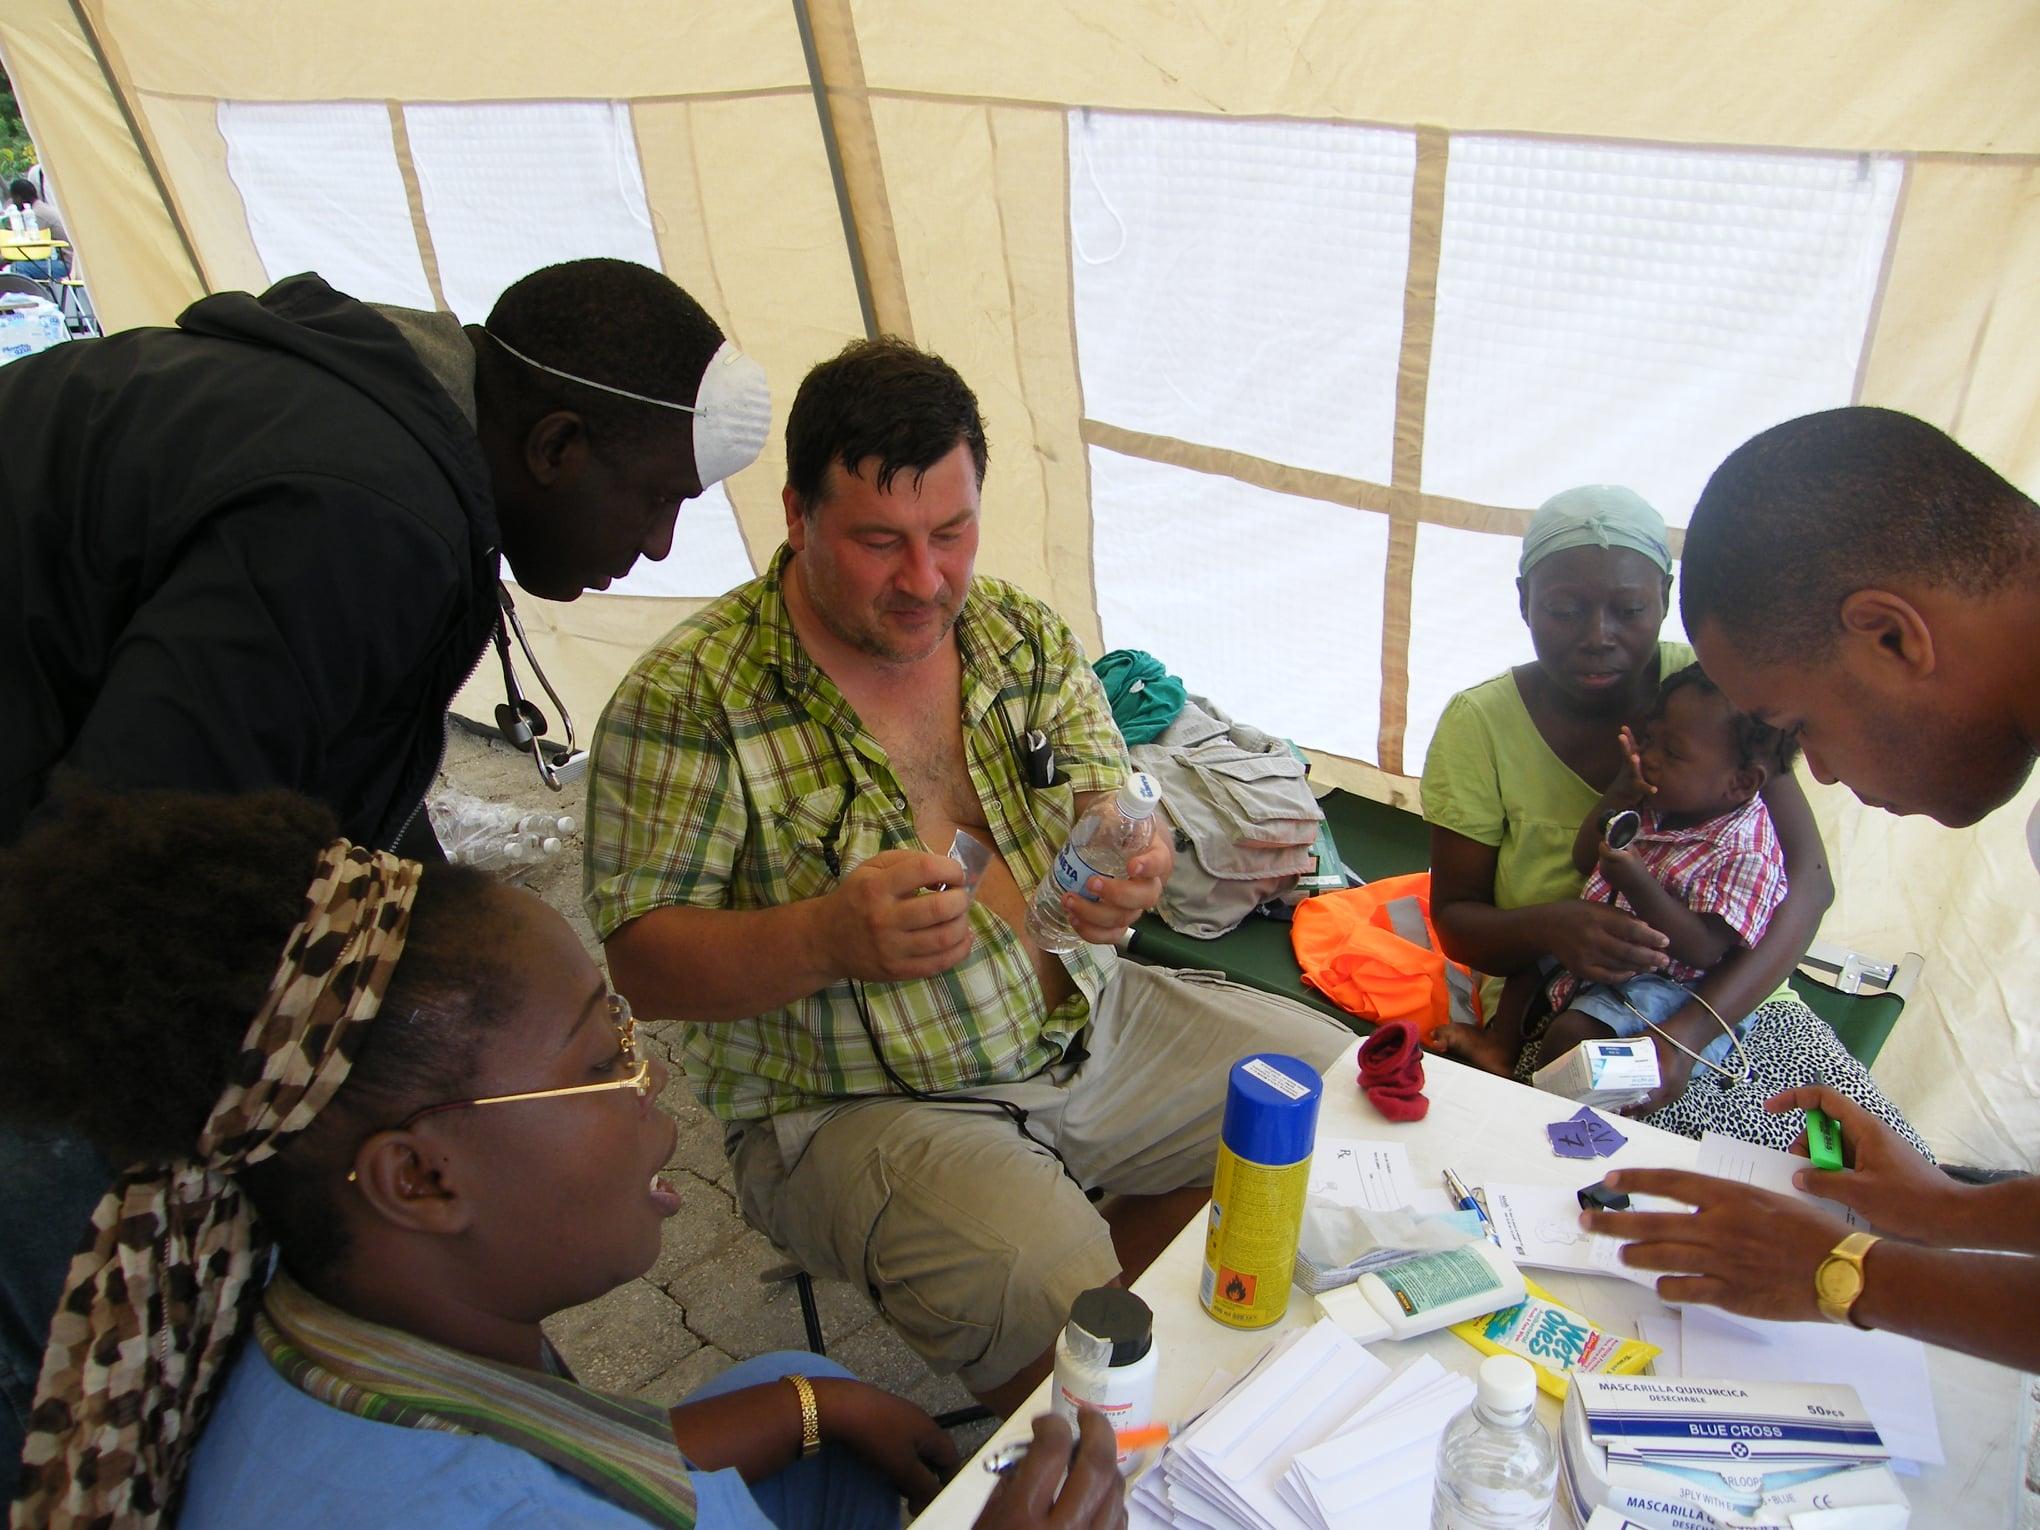 Po zemetrasení na Haiti prišiel miestnym ľuďom na pomoc aj tím Vladimíra Krčméryho. Foto: Archív VK